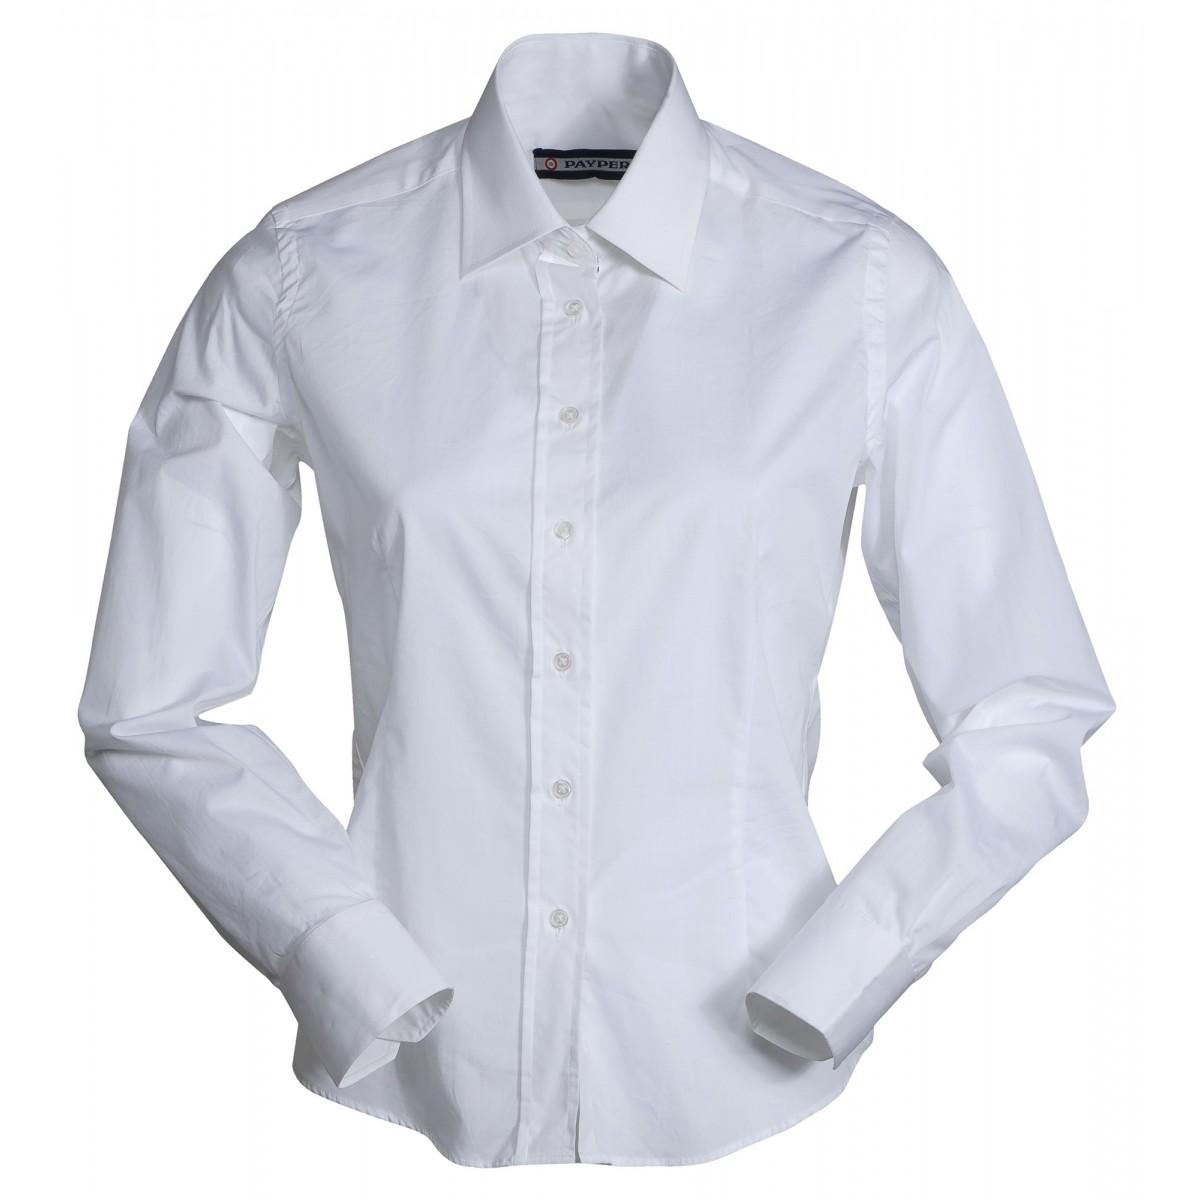 Camicia BRIGHTON Payper uomo a manica lunga easy care popeline 125gr con 65/% pol